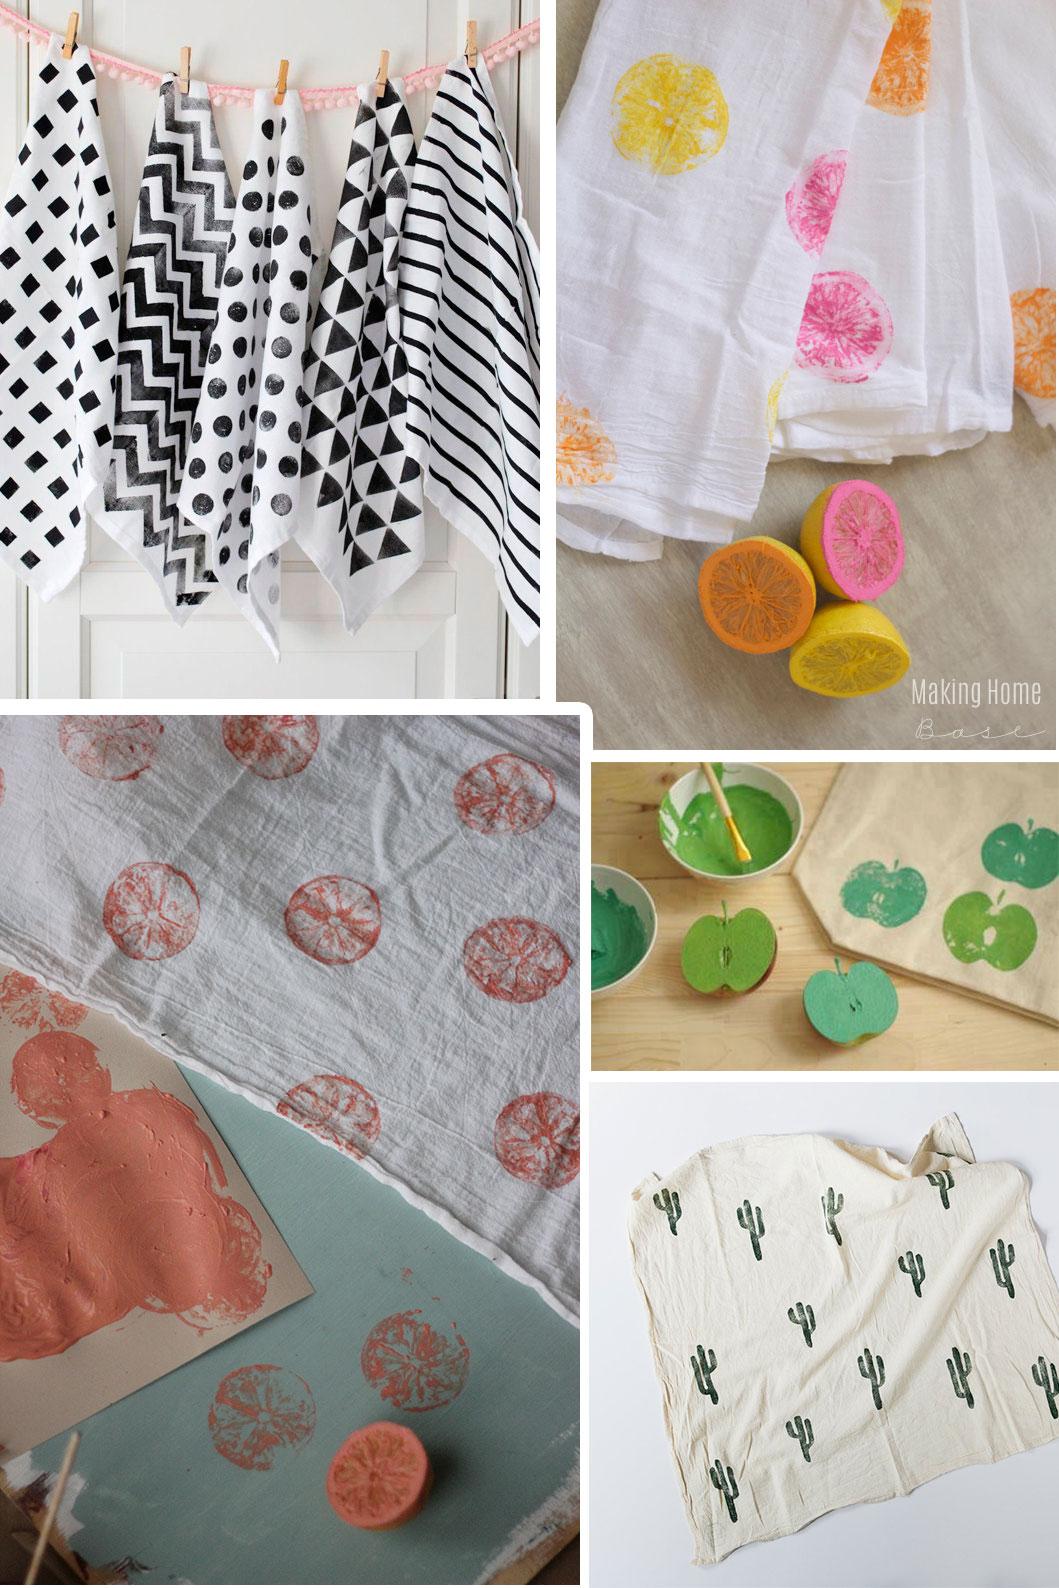 compo-paños-cocina-decoratualma-dta-diseño-estampado-personalizado-manualidades